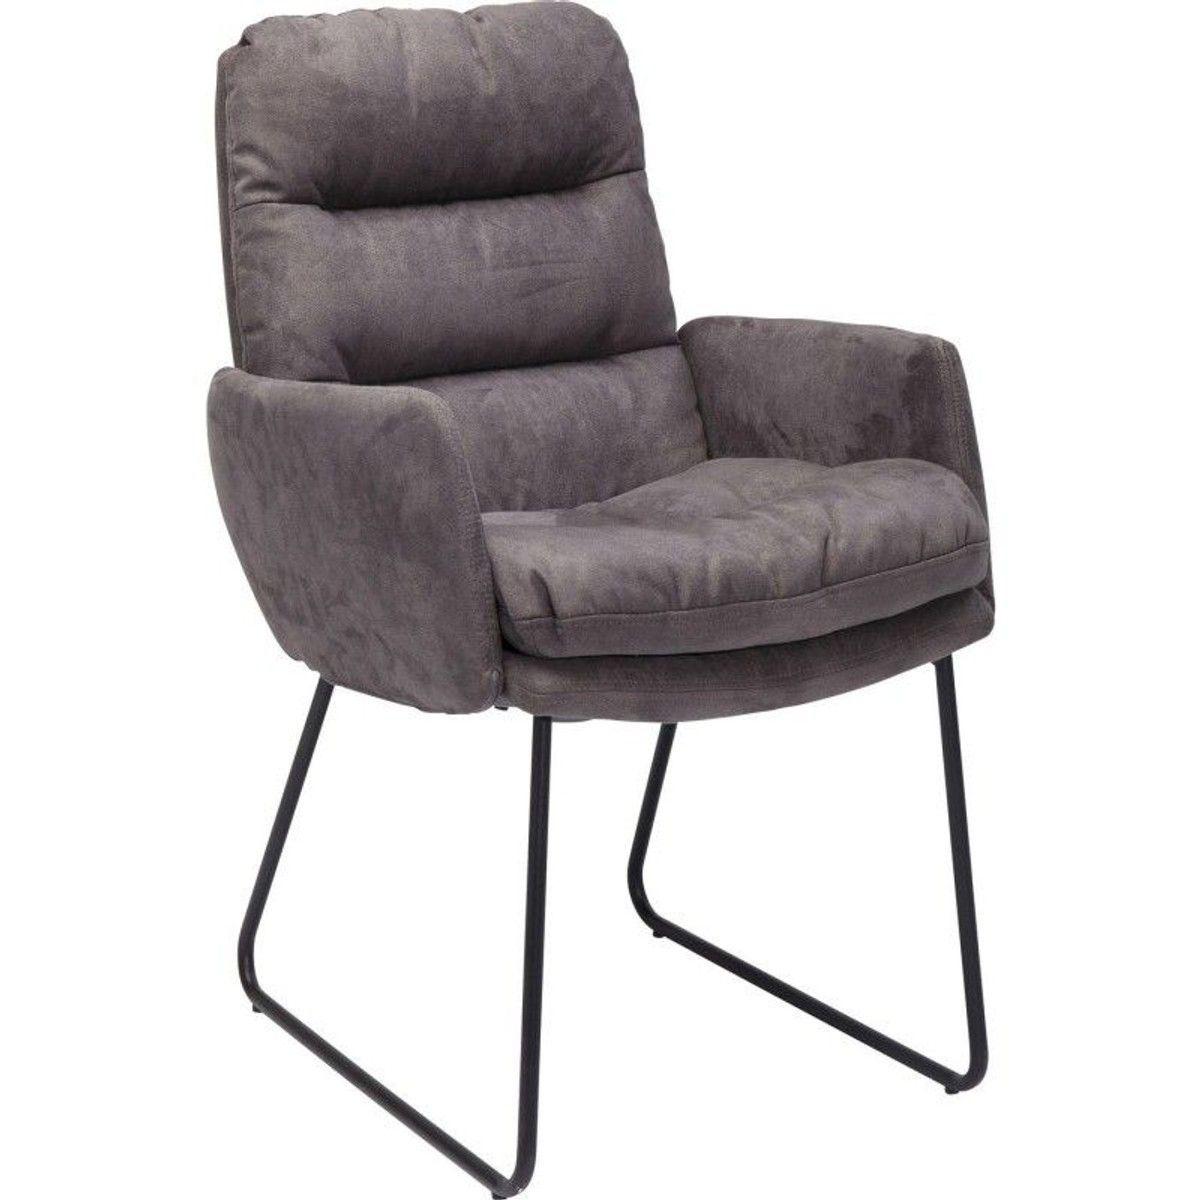 Chaise Avec Accoudoirs Dance Kare Design Taille Tu Avec Images Chaise Design Chaise Haute Chaise Pliante